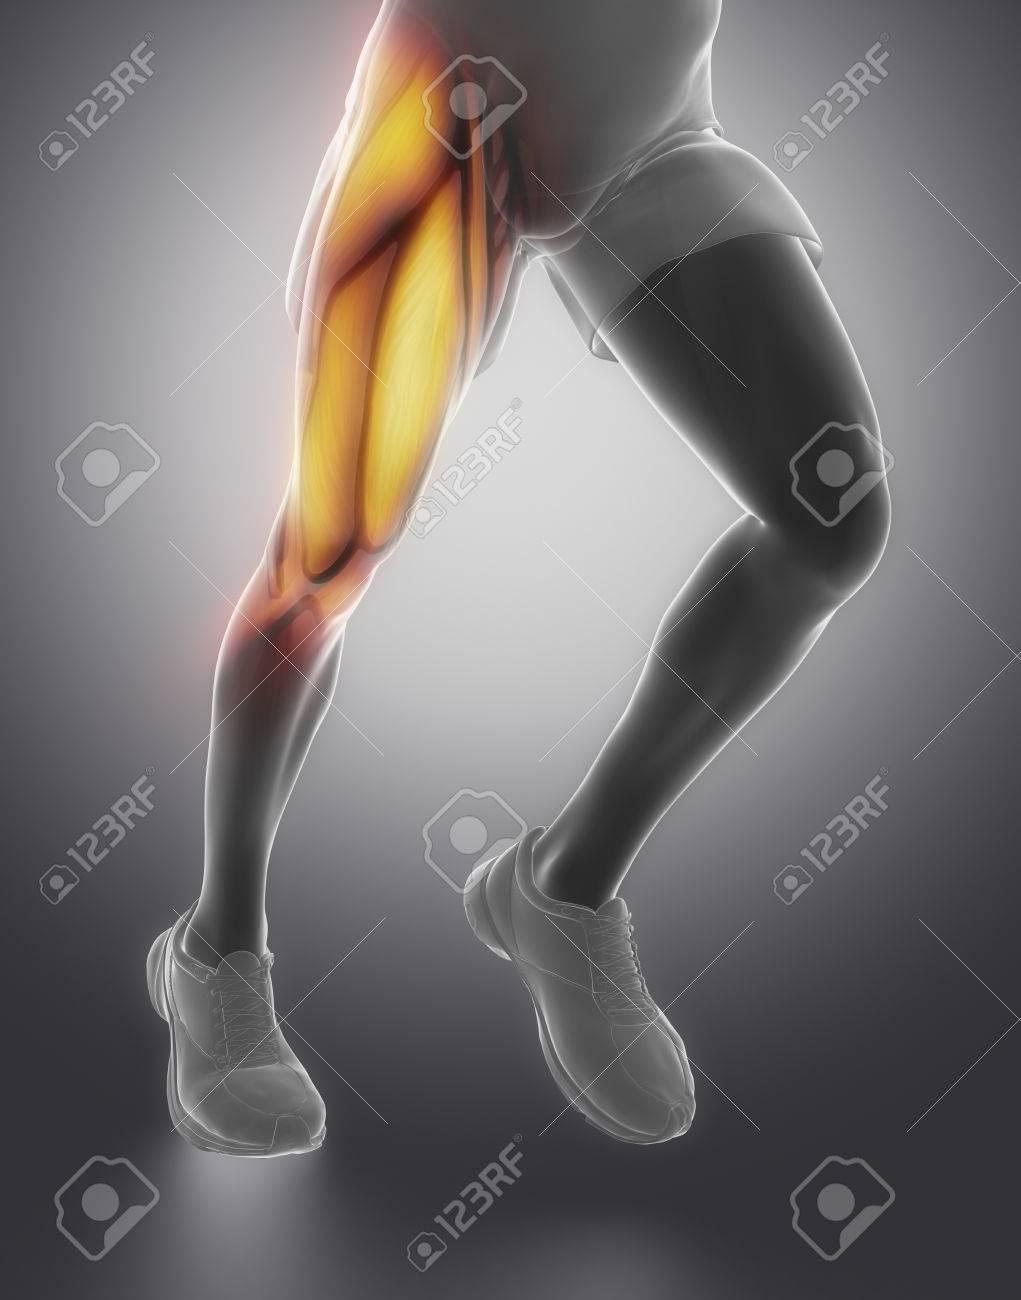 La Anatomía Del Músculo Del Muslo Fotos, Retratos, Imágenes Y ...